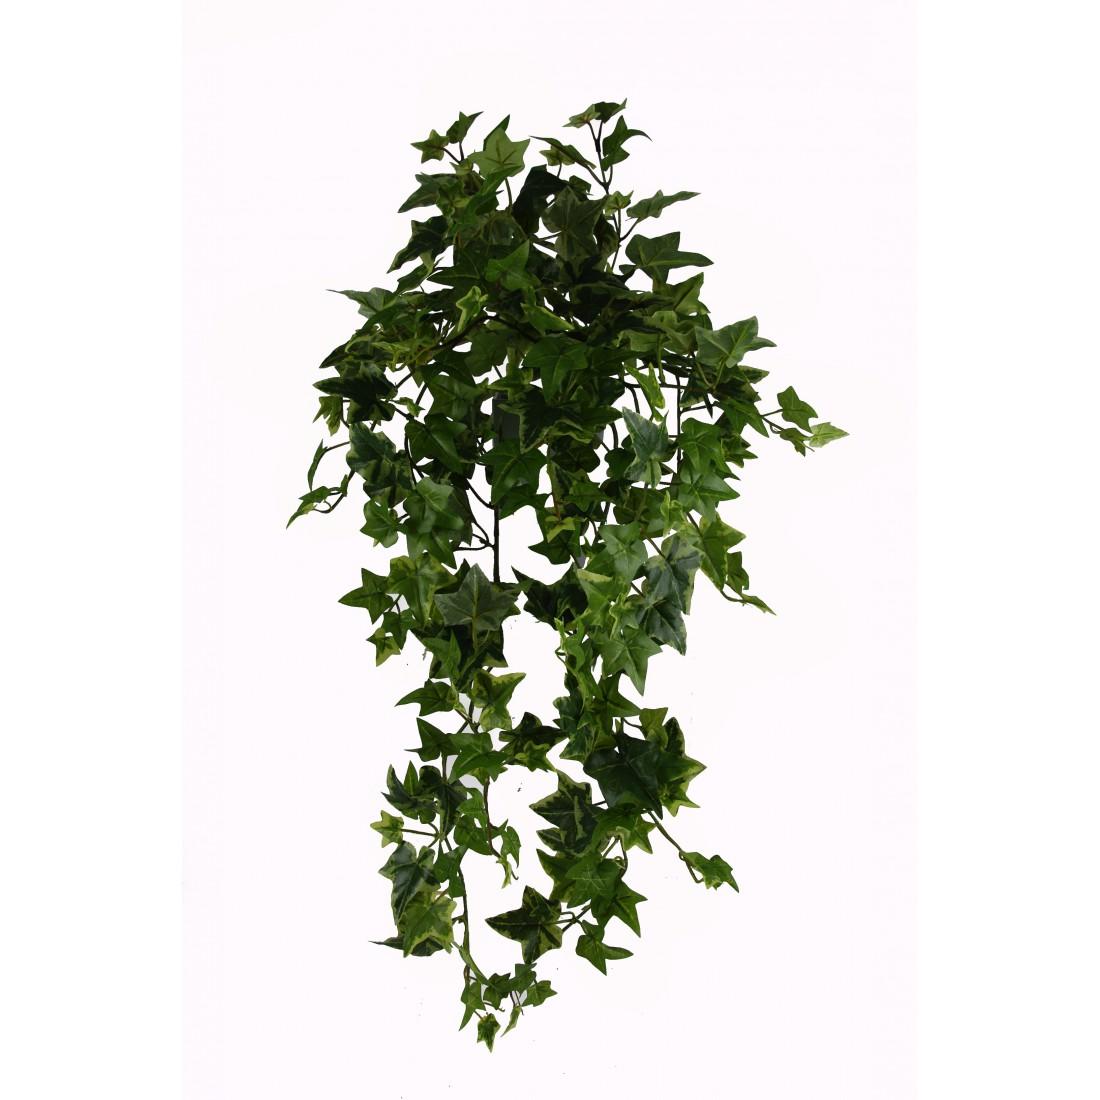 lierre anglais panach artificiel 70 et 110 cm plantes artificielles reflets nature lyon. Black Bedroom Furniture Sets. Home Design Ideas